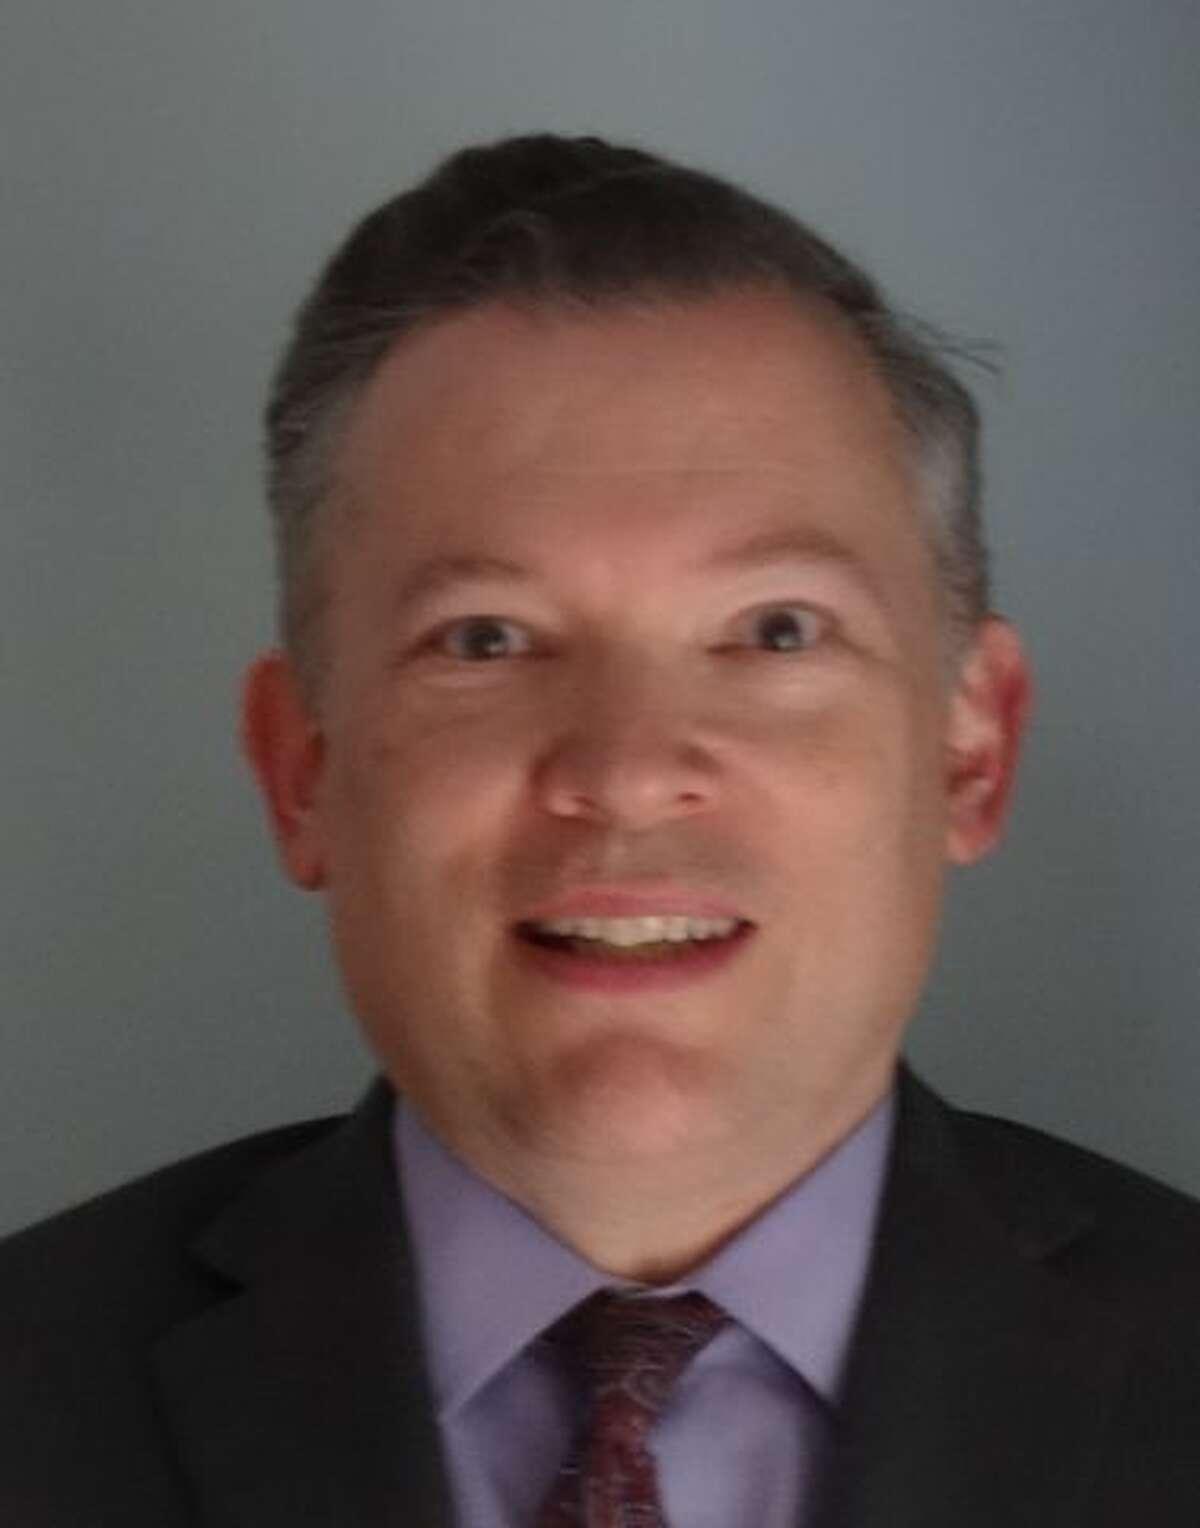 Peter Barber, Democratic candidate for Guilderland town supervisor. (June 3, 2015)